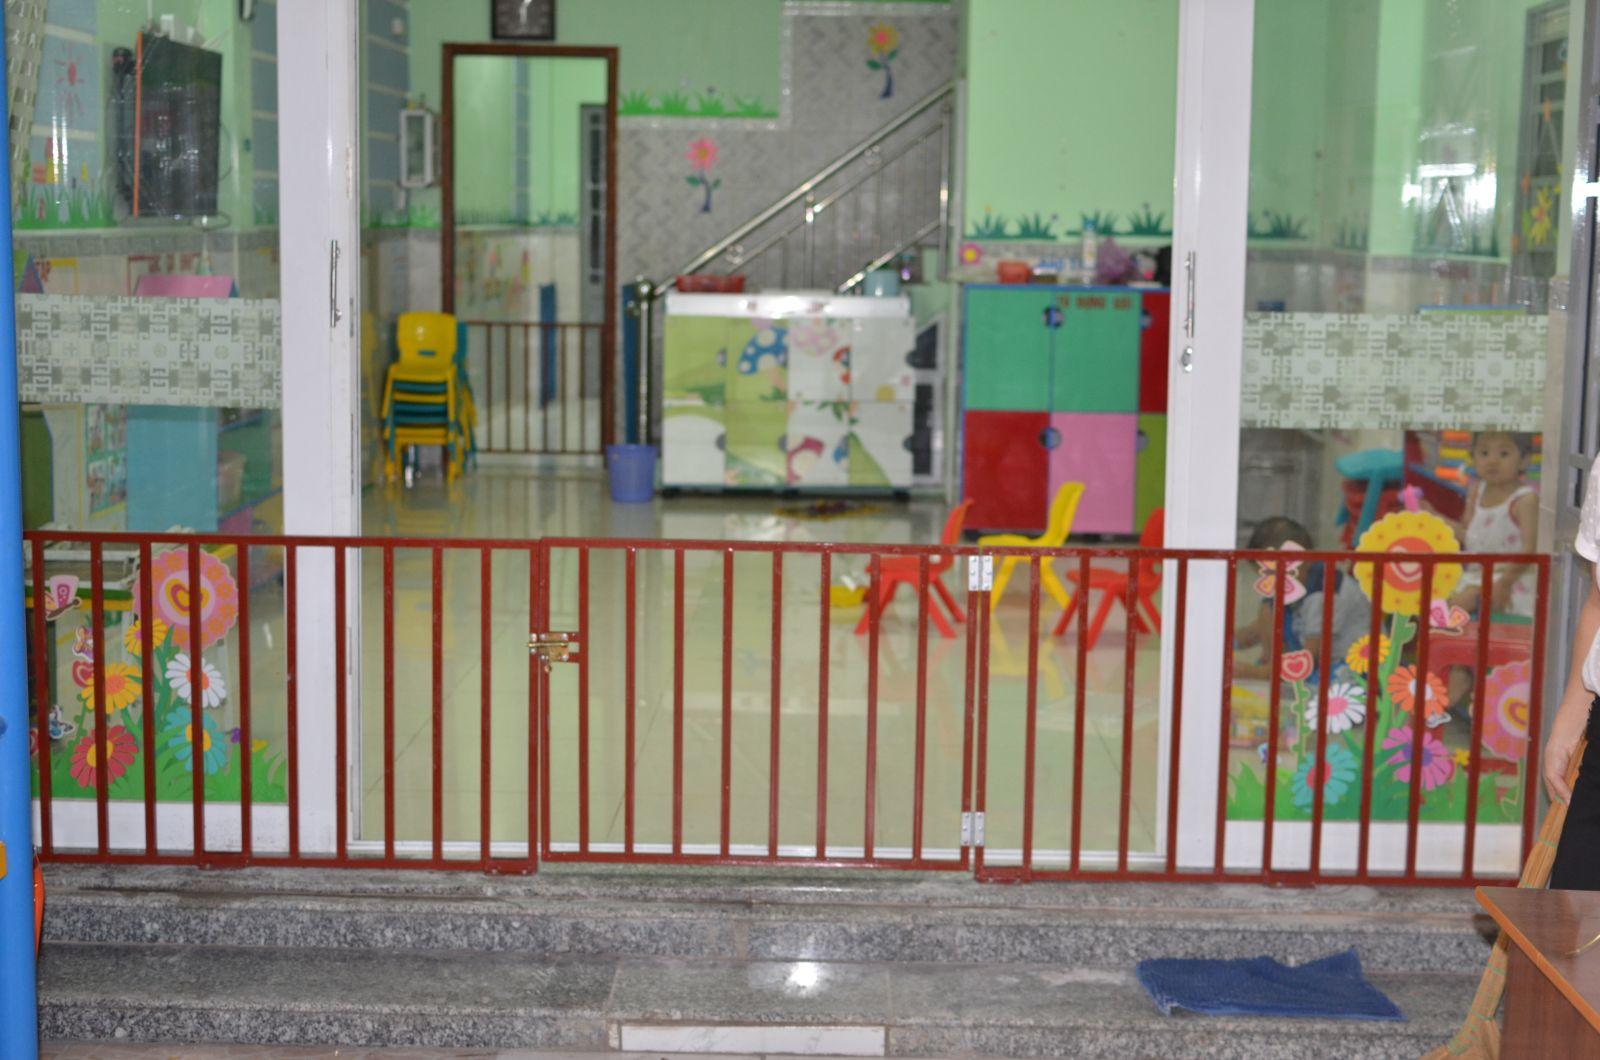 chặn cầu thang nhà trẻ 05_Nice Garden Việt Nam